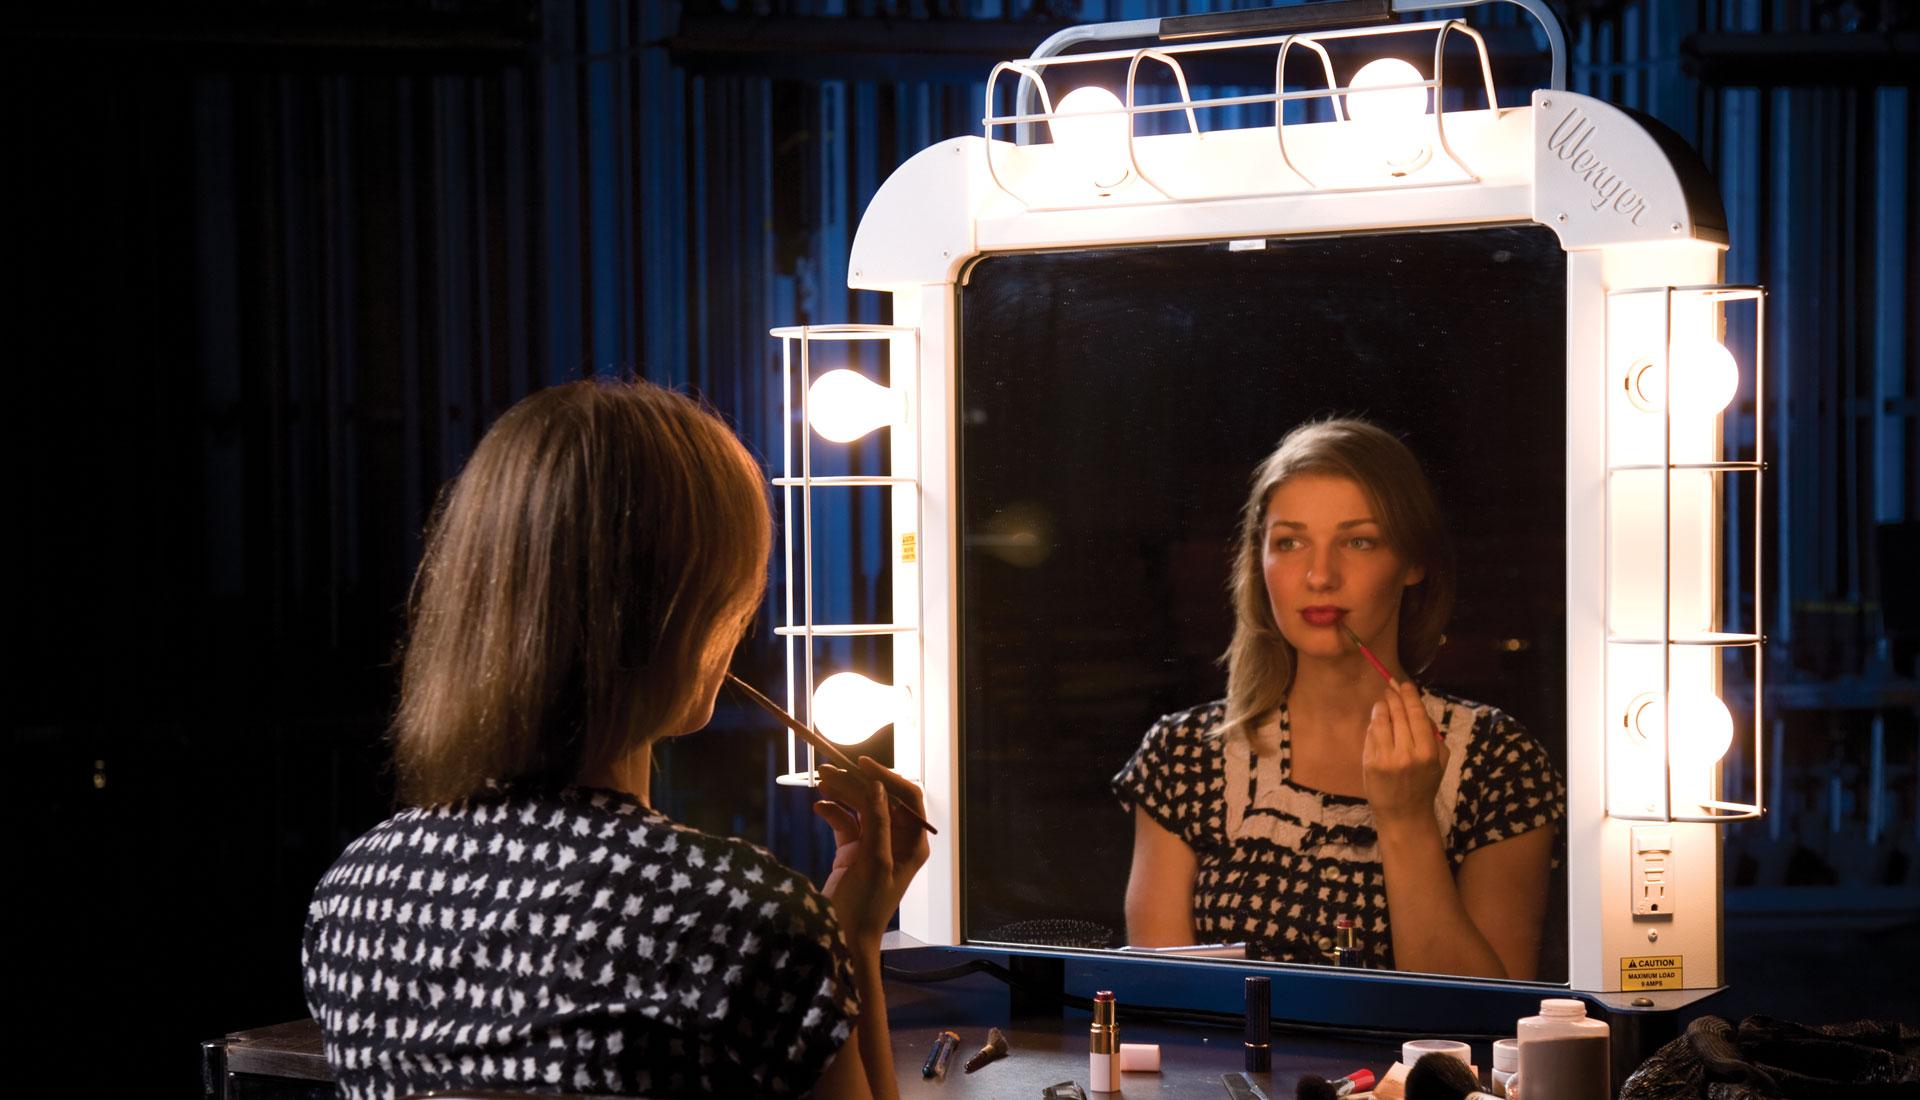 Backstage 174 Makeup Station Wenger Corporation